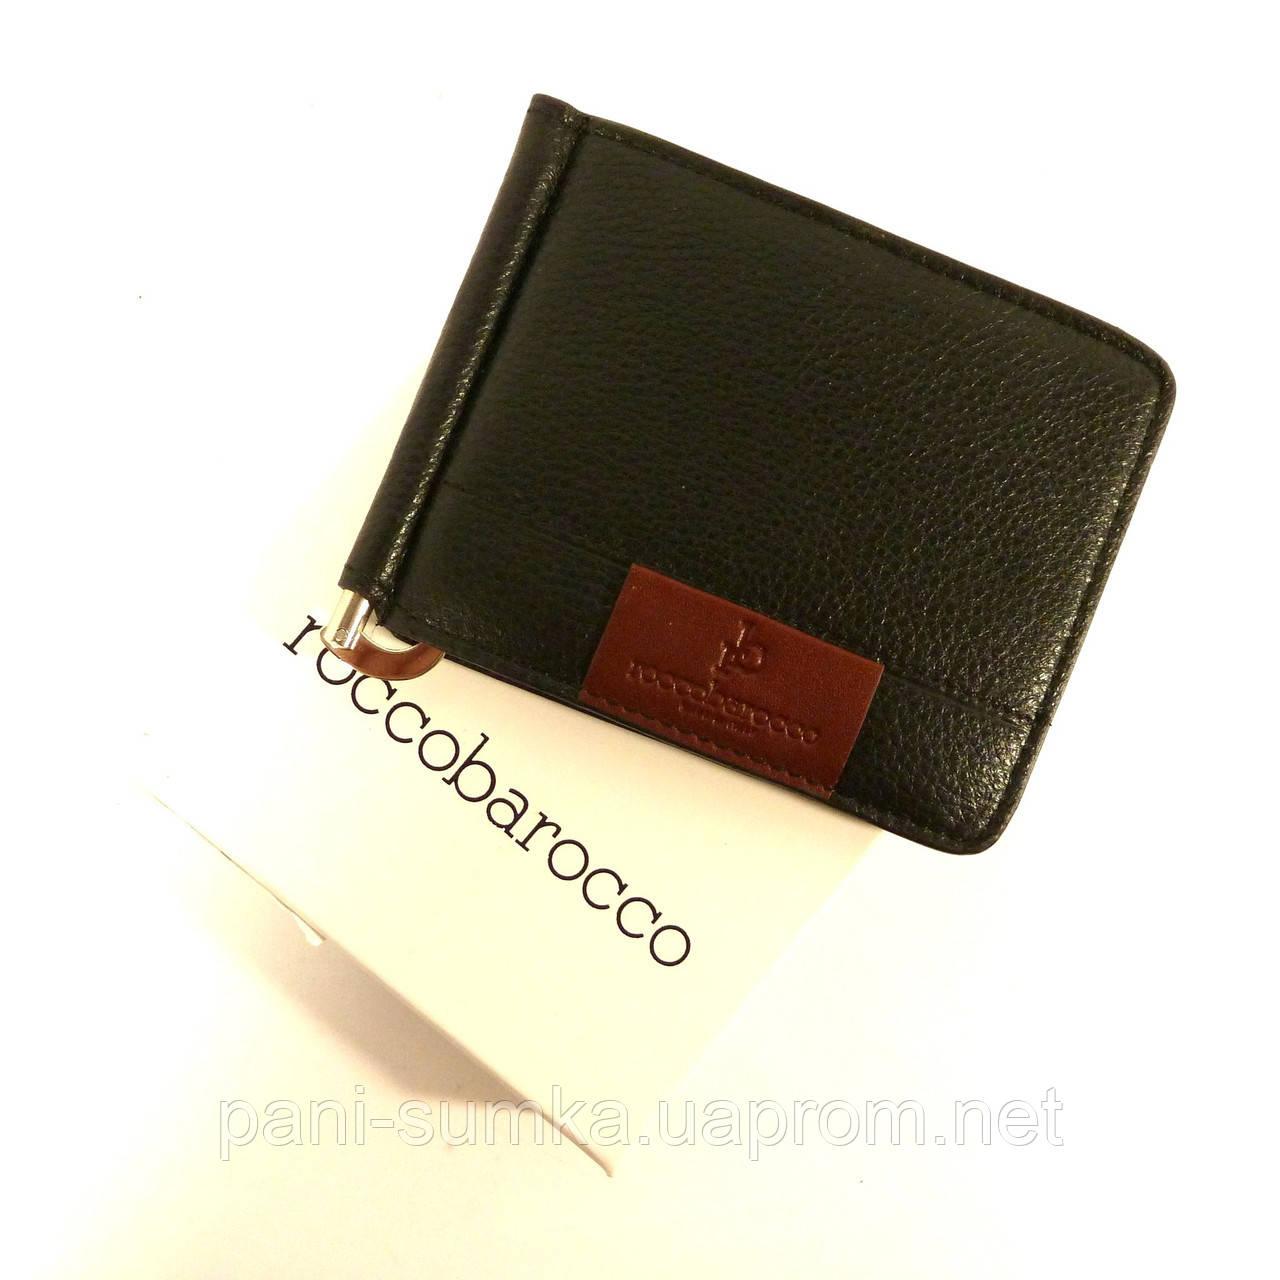 Купюрник-зажим кожаный для денег магнитный RoccoBarocco 5180, с монетницей.